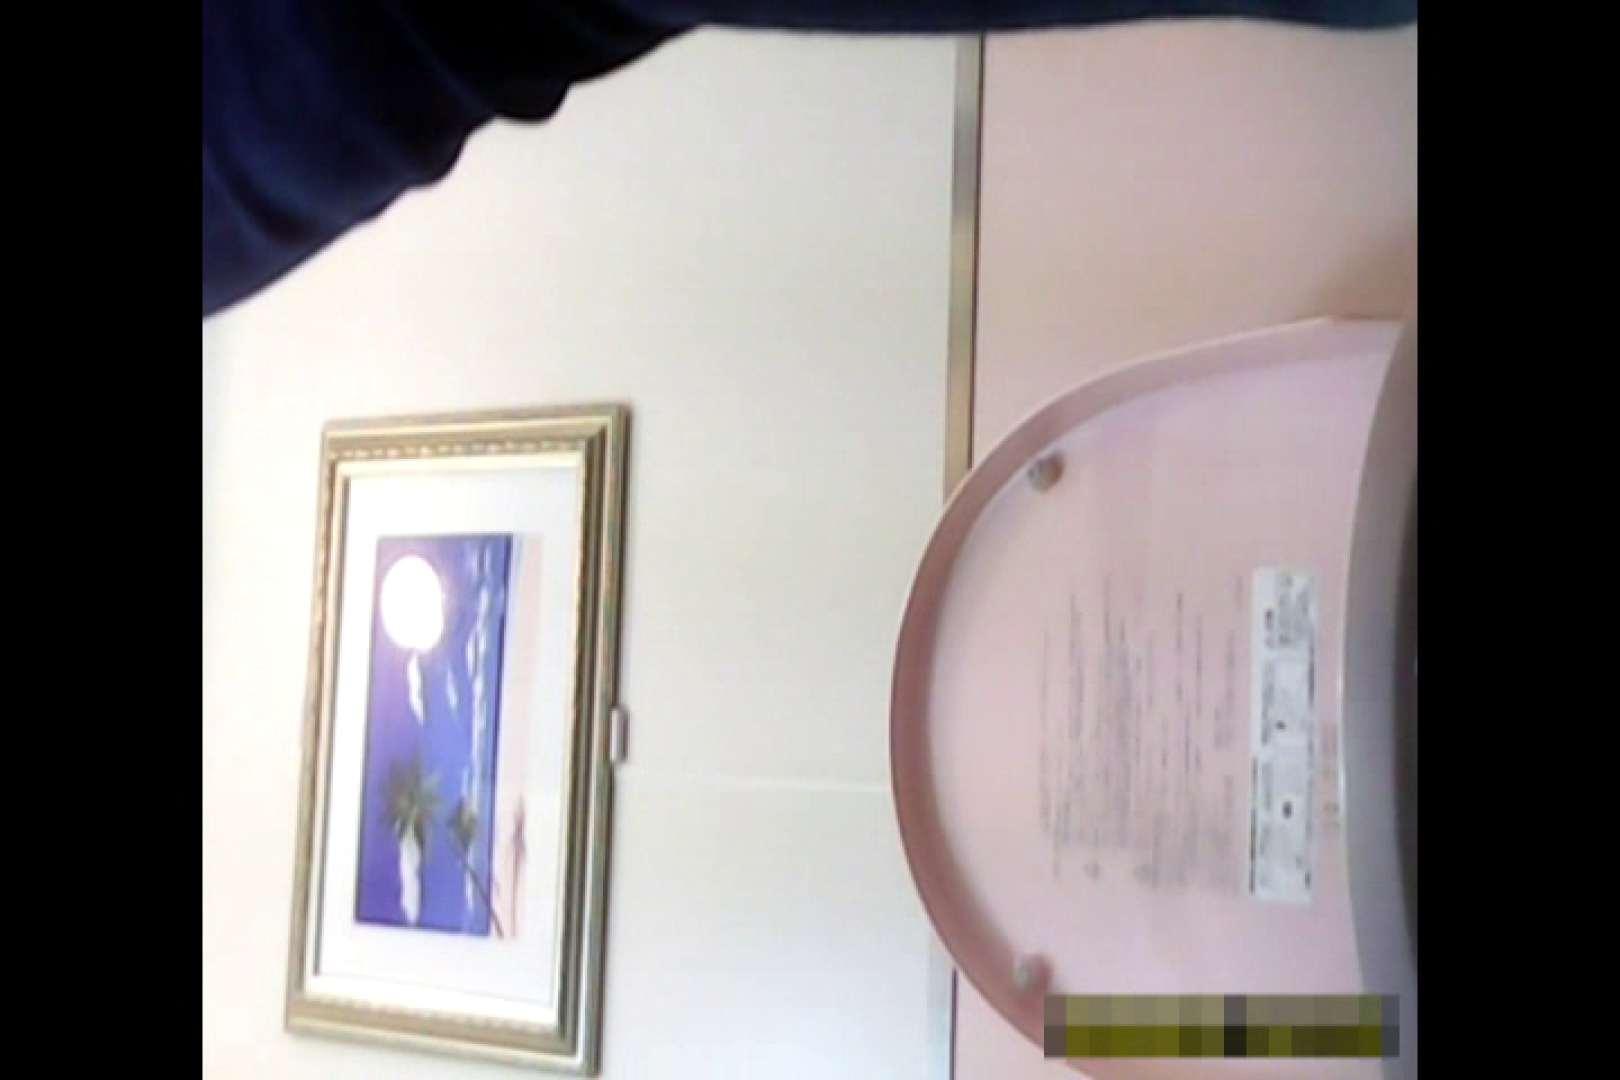 超高画質5000K!脅威の2点かわや! vol.59 盗撮シリーズ オマンコ無修正動画無料 96PIX 57